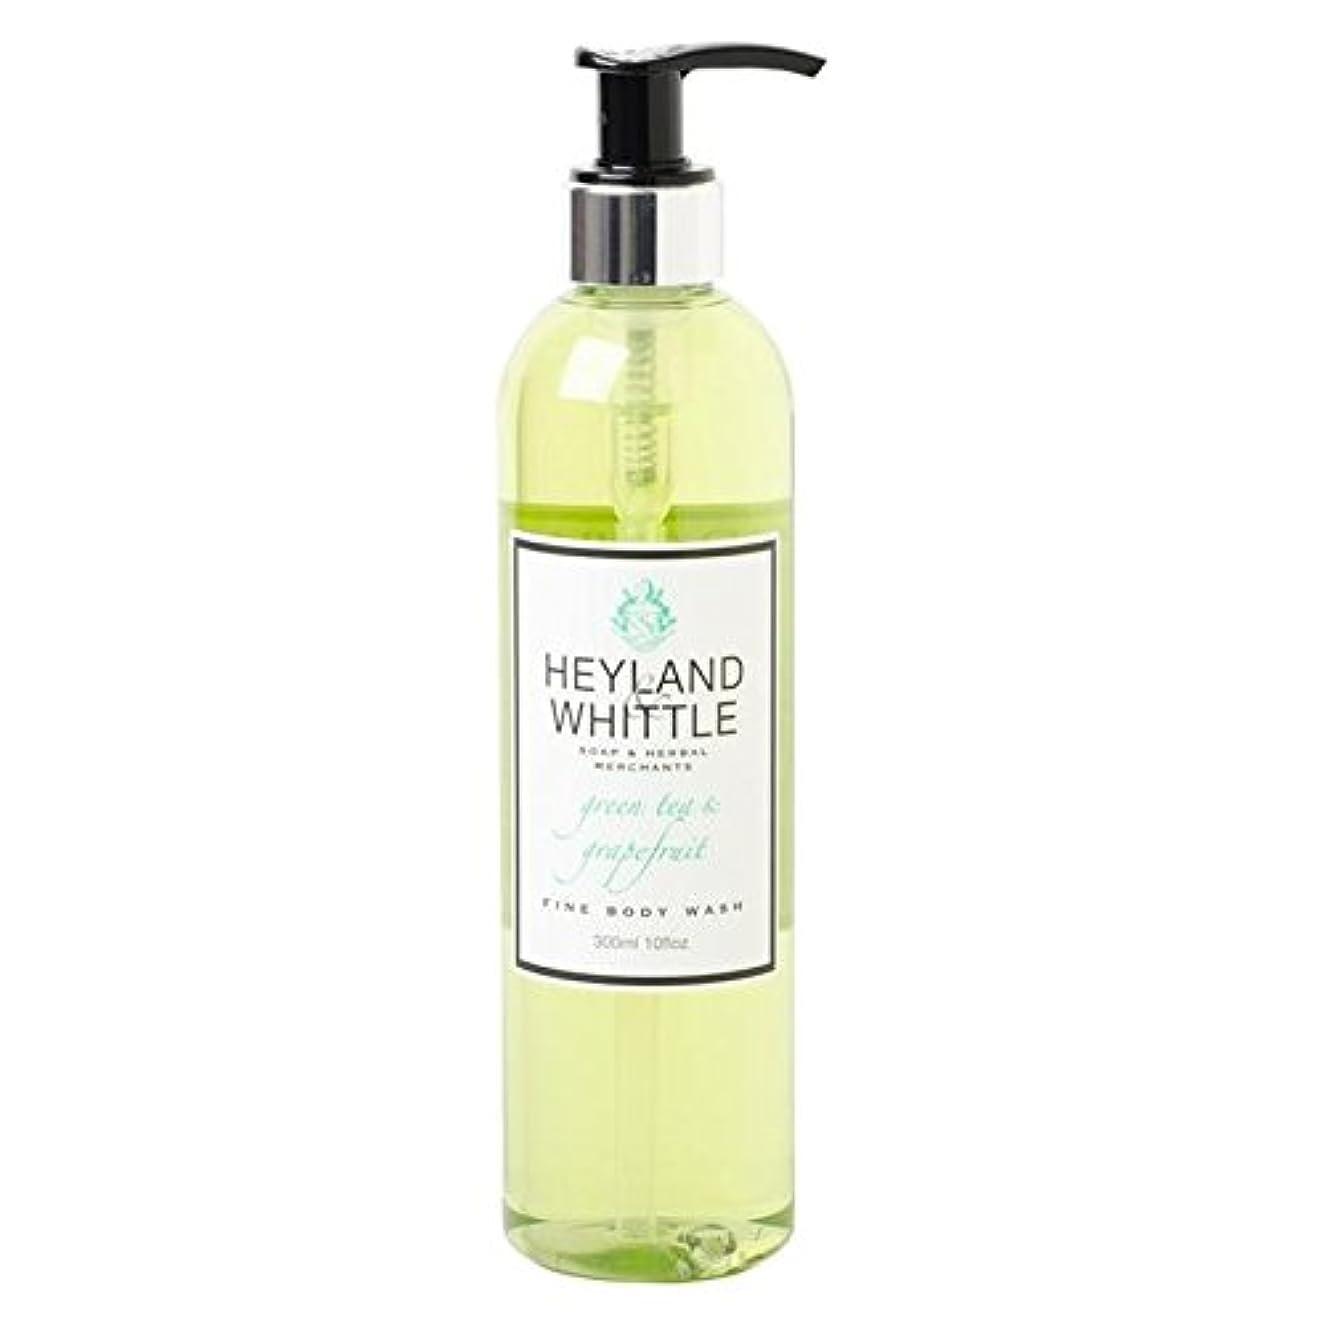 拡張奇妙な累積Heyland & Whittle Greentea & Grapefruit Body Wash 300ml (Pack of 6) - &削るグリーンティ&グレープフルーツボディウォッシュ300ミリリットル x6 [...